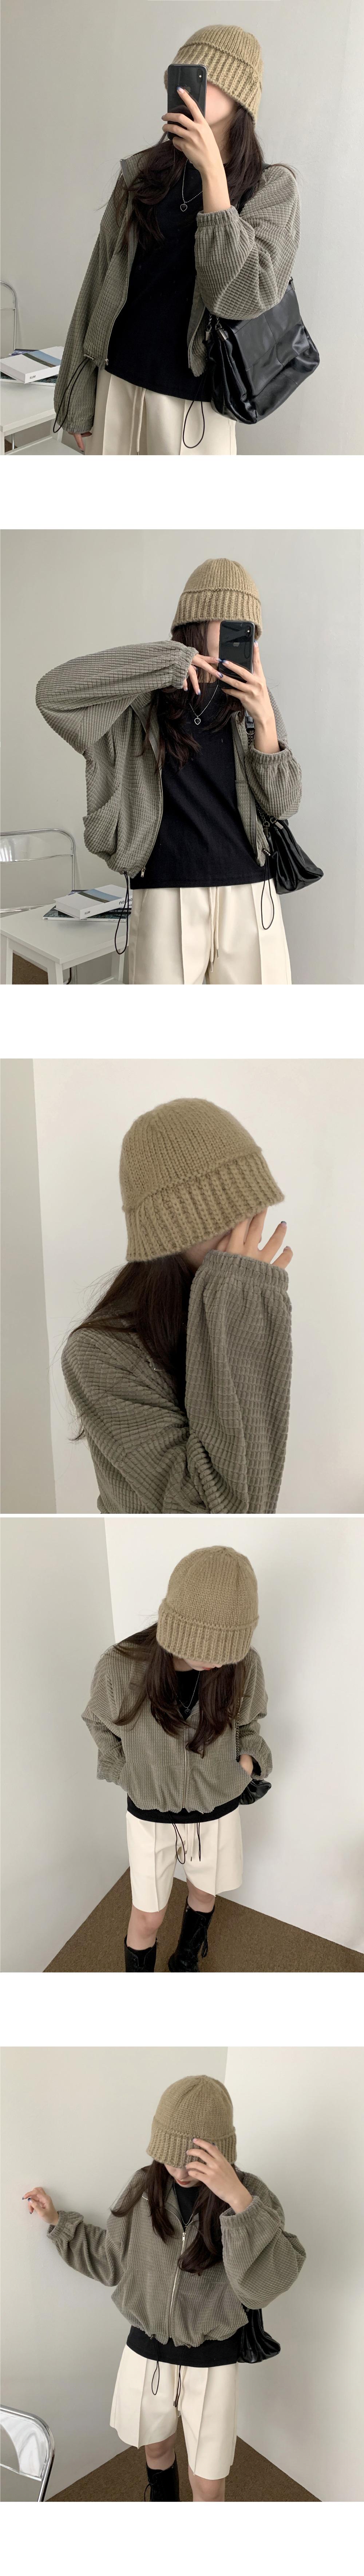 Salt Wool Knitwear Bungy Bucket Hat